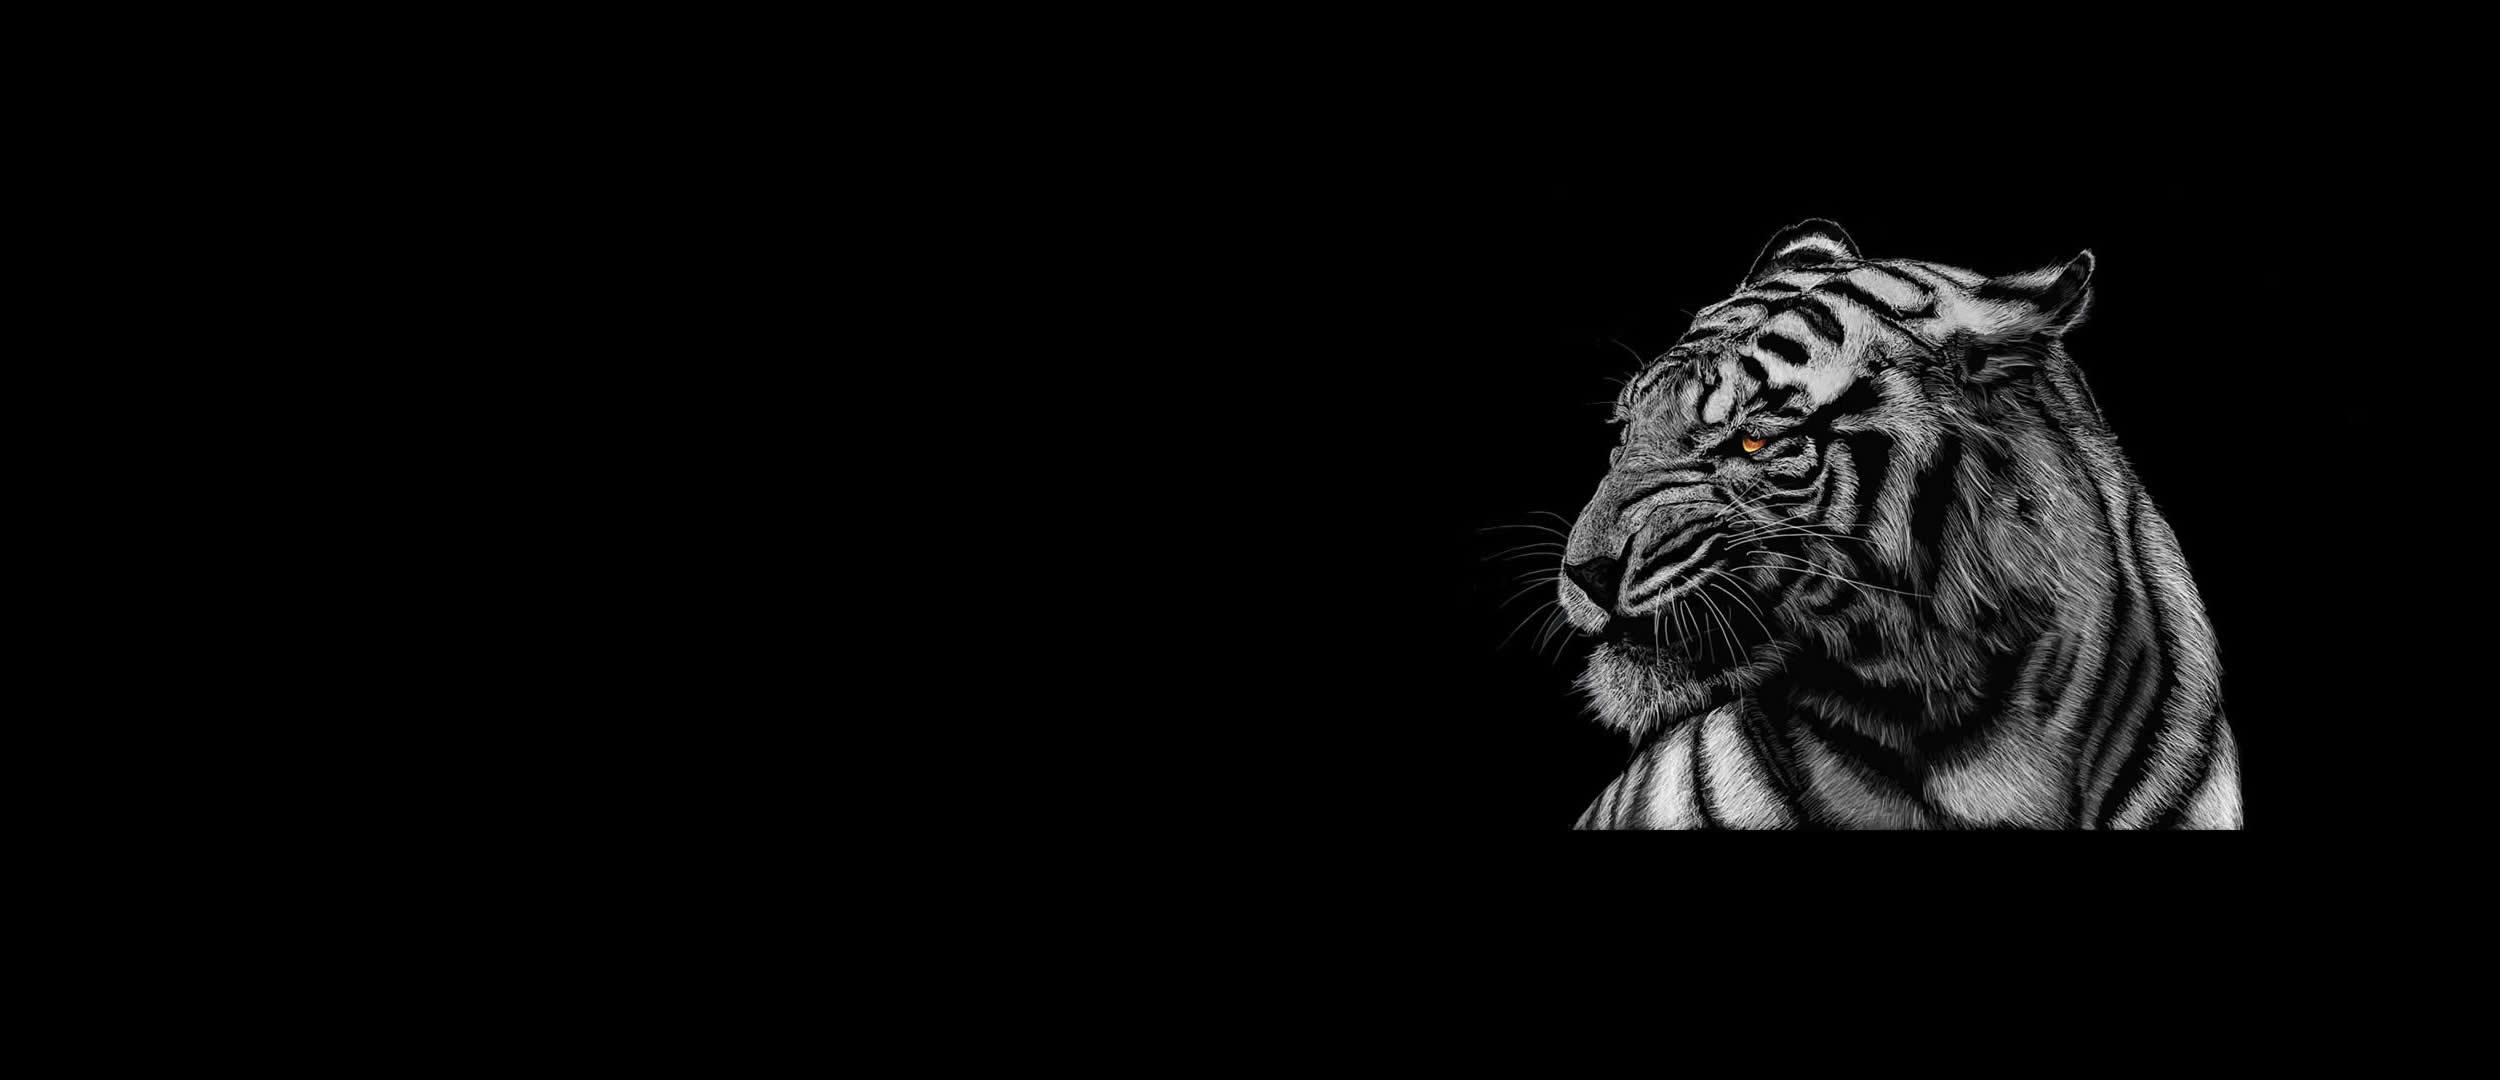 tiger-background9